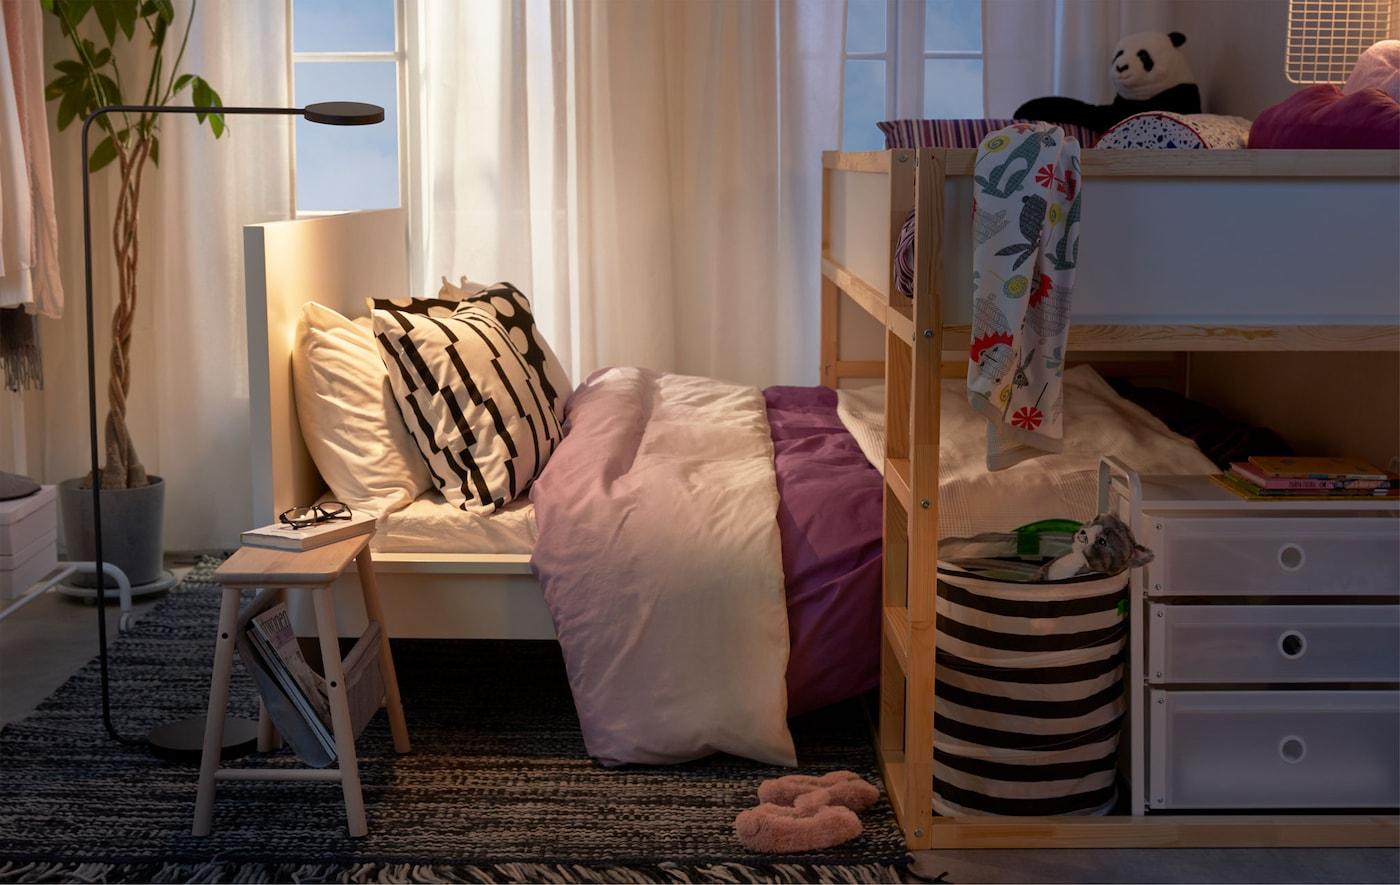 Povišeni krevet iznad donjeg kreveta koji omogućuje djeci da spavaju iznad roditelja u spavaćoj sobi u malom prostoru.